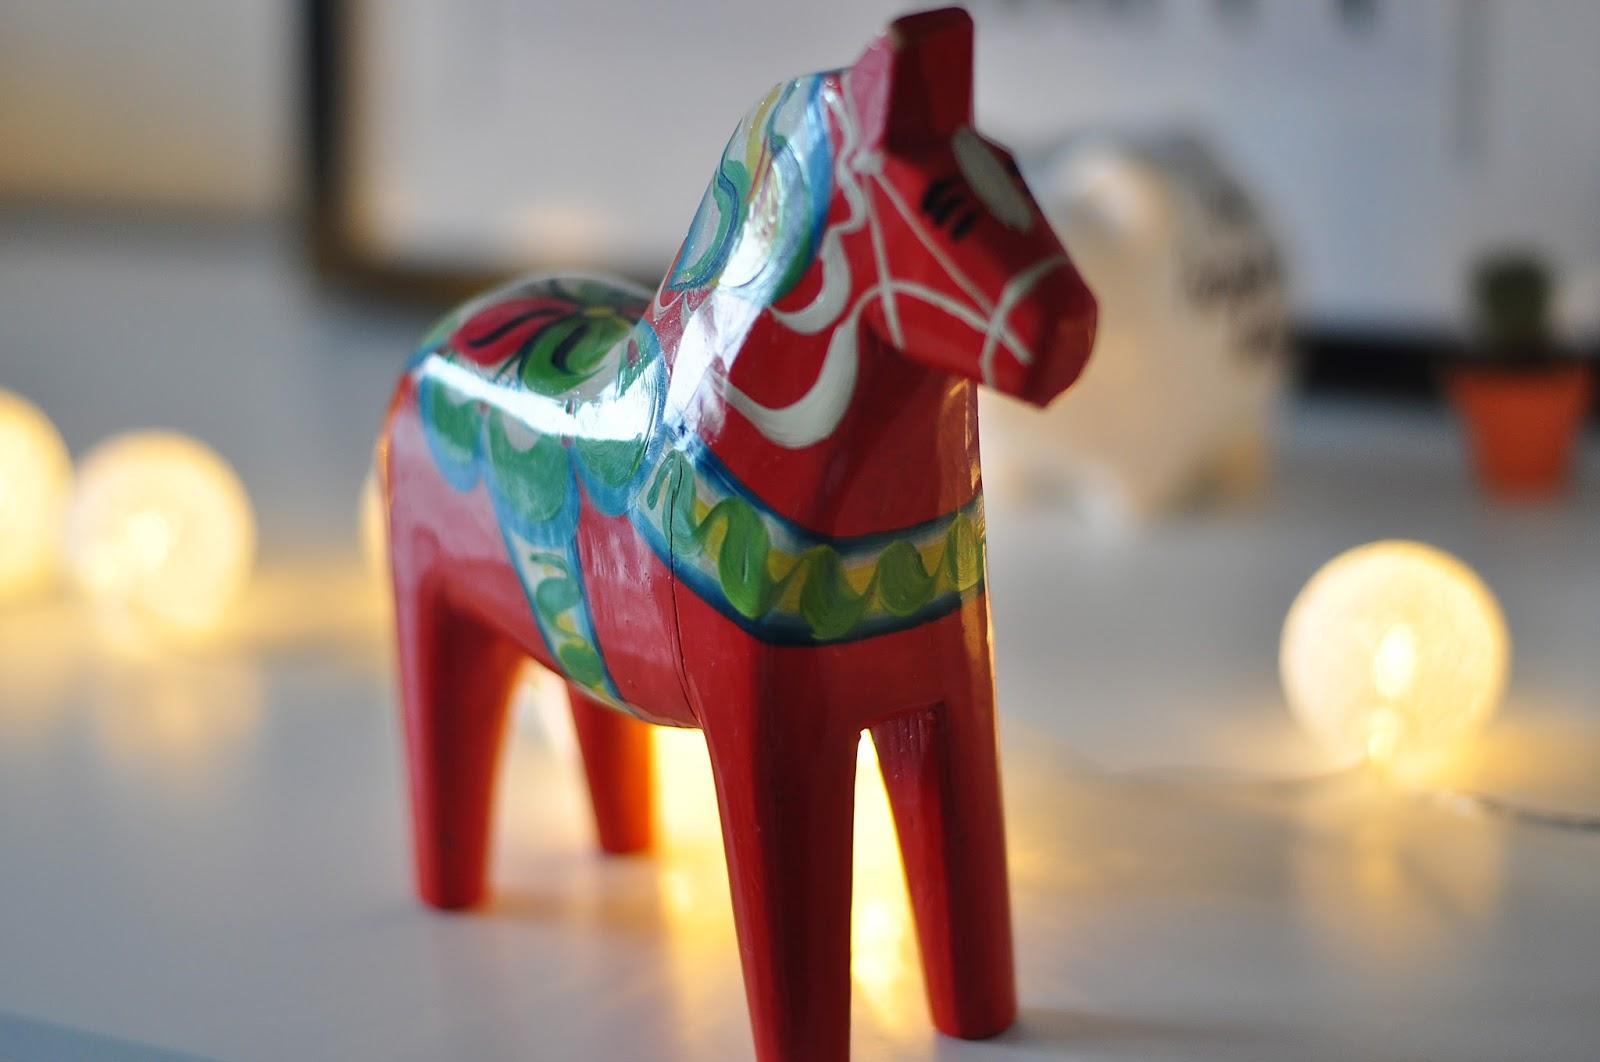 Dala Horse, Dalahäst, Swedish horse, Falu Red, Scandinavian Style